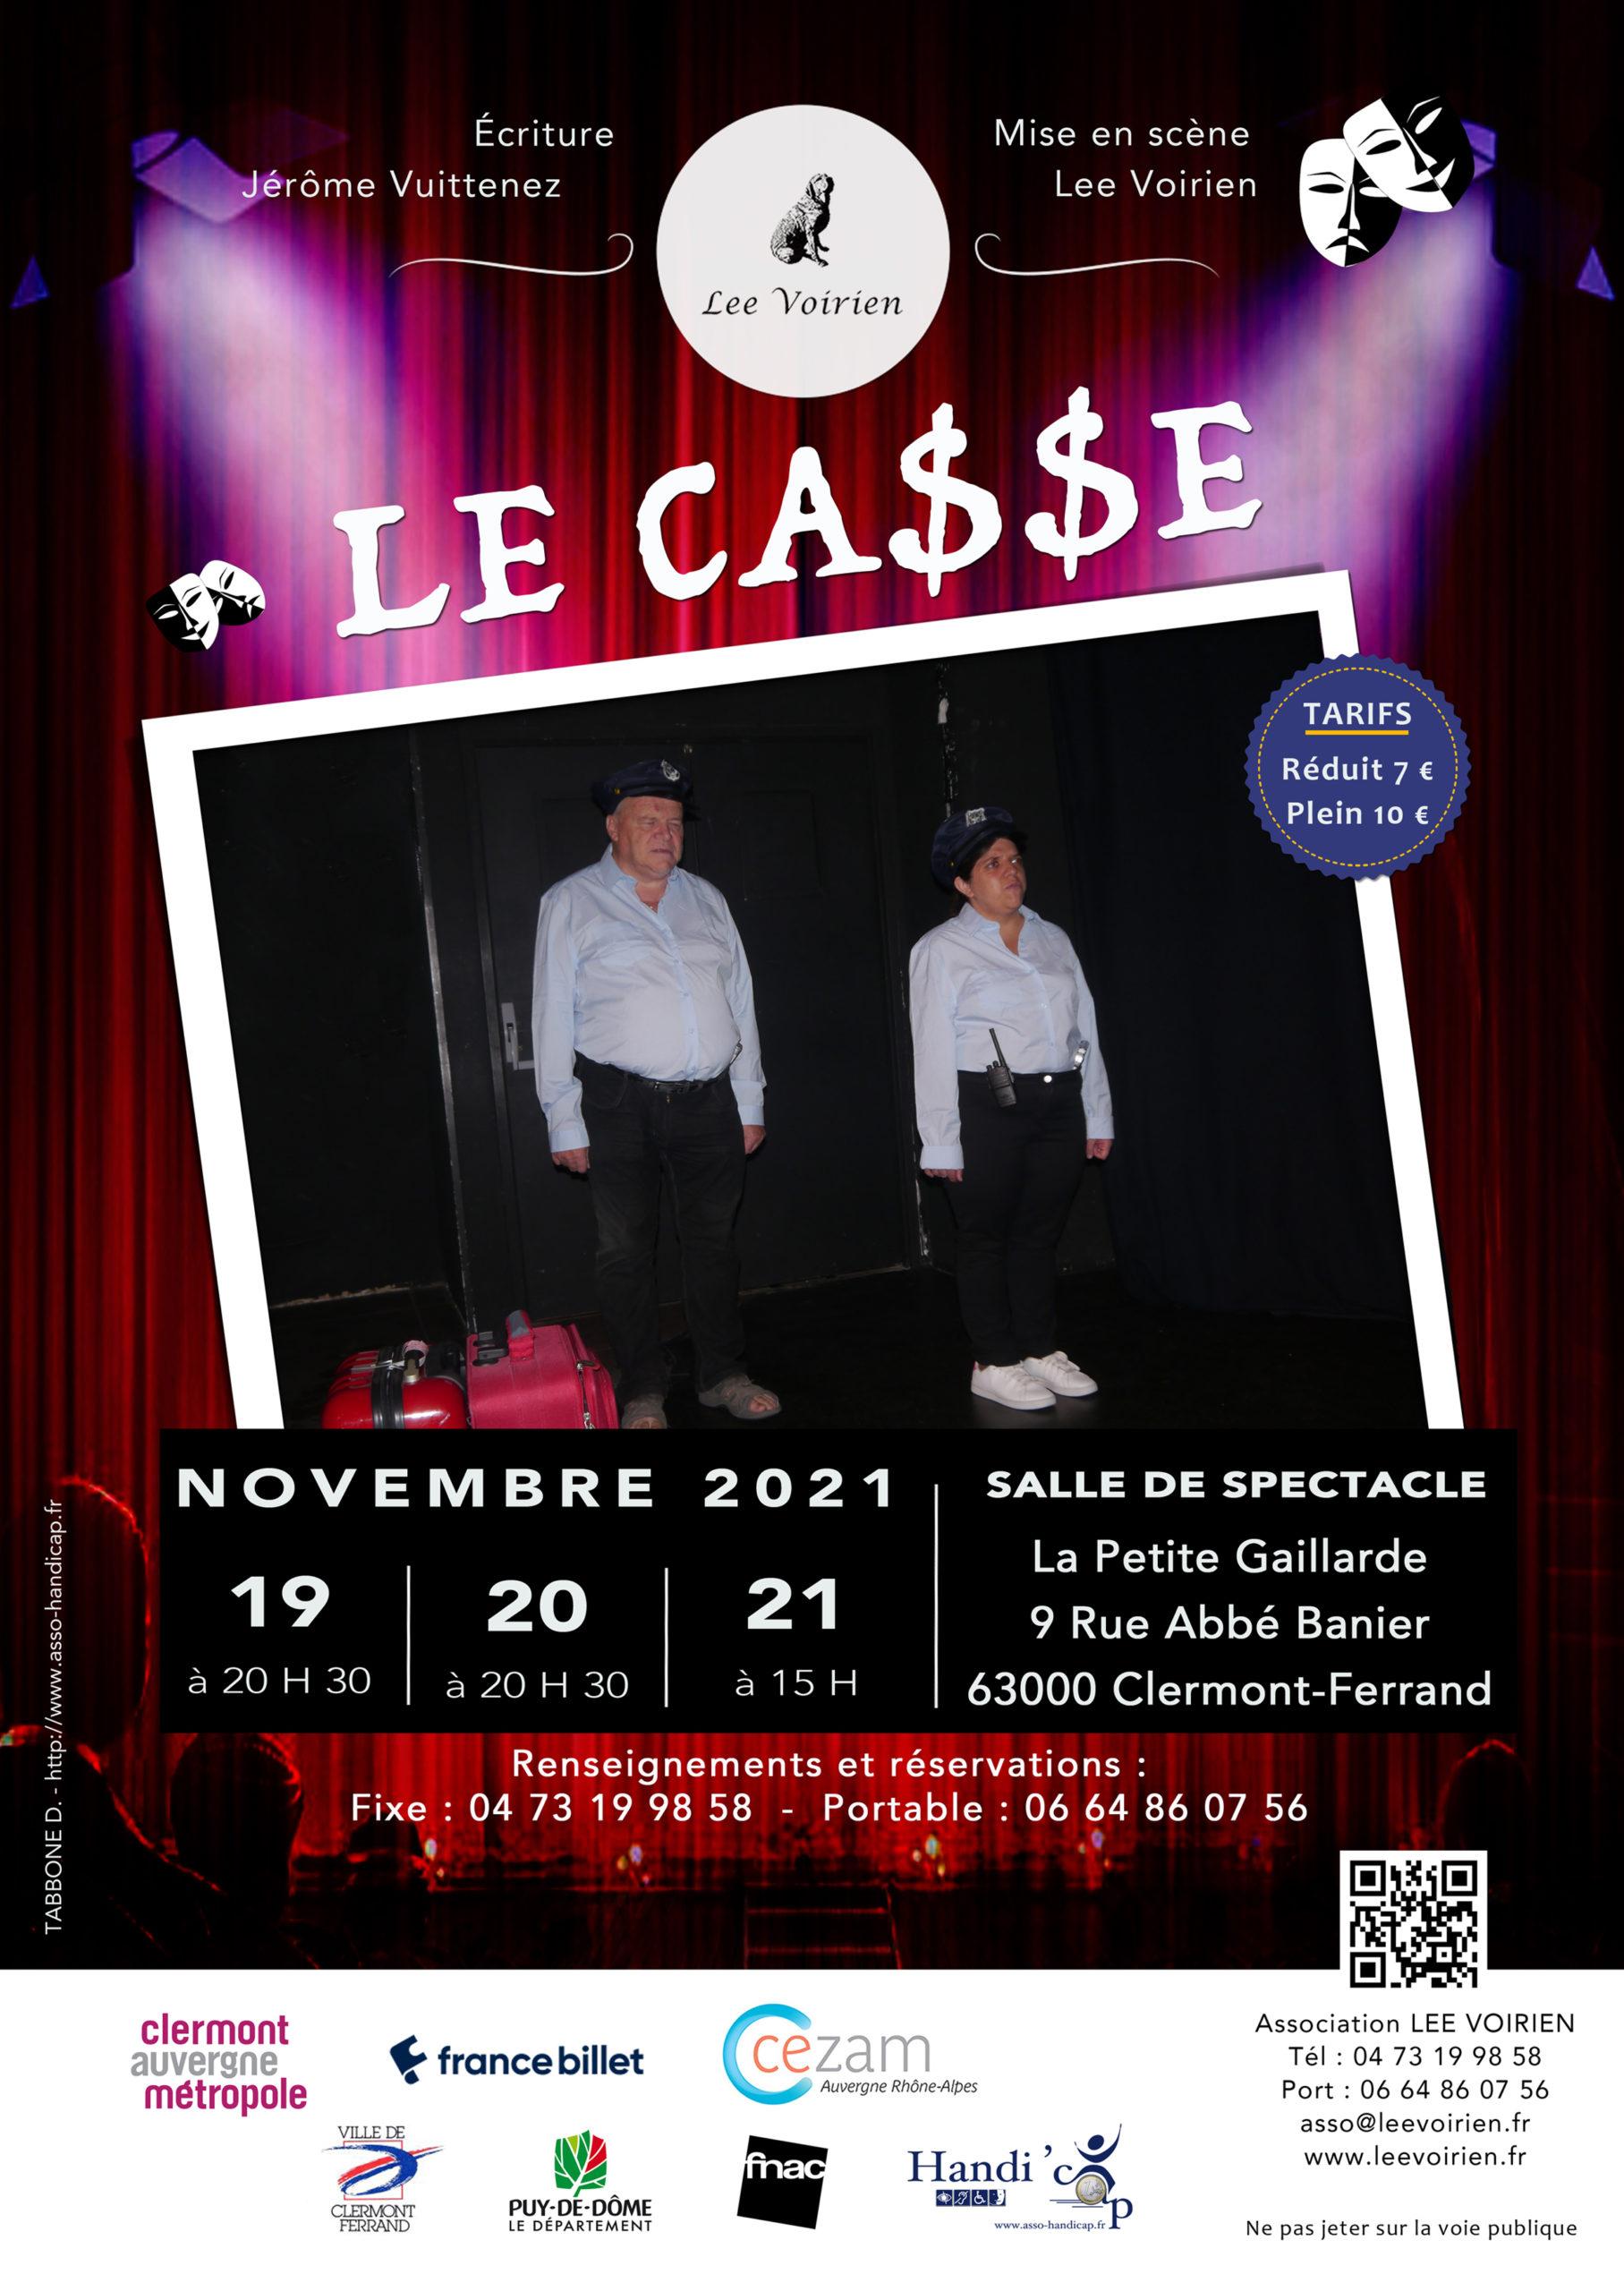 Affiche Le Casse, de Jérôme Vuittnez - Théâtre Lee Voirien, Clermont-Ferrand